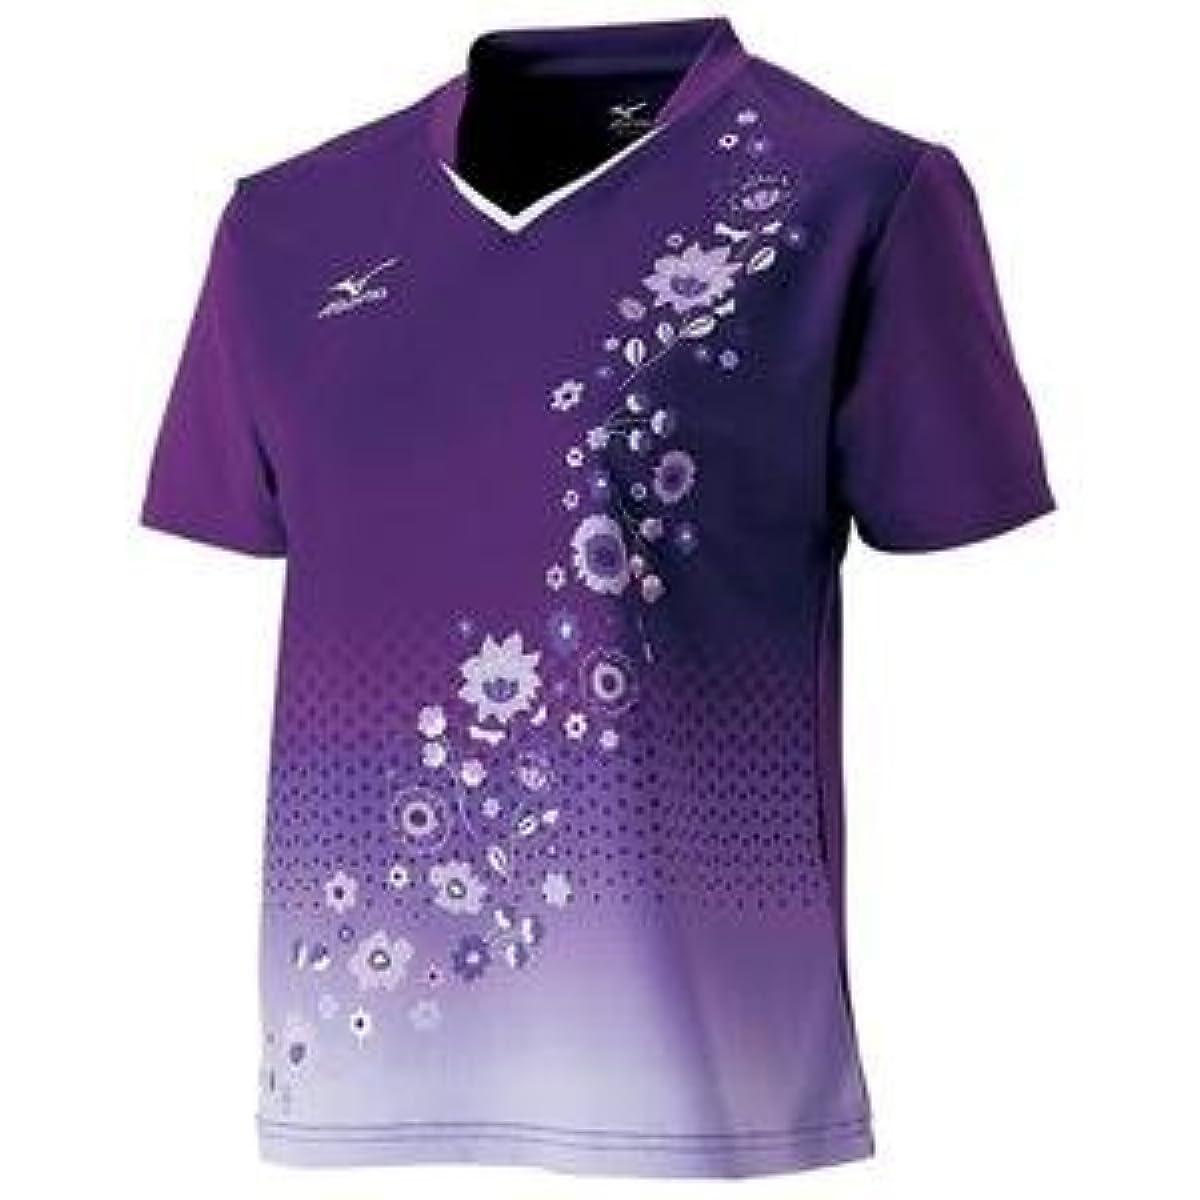 [해외] MIZUNO 게임 셔츠(탁구/레이디스)(이# 퍼플) 주문 상품 사이즈:L